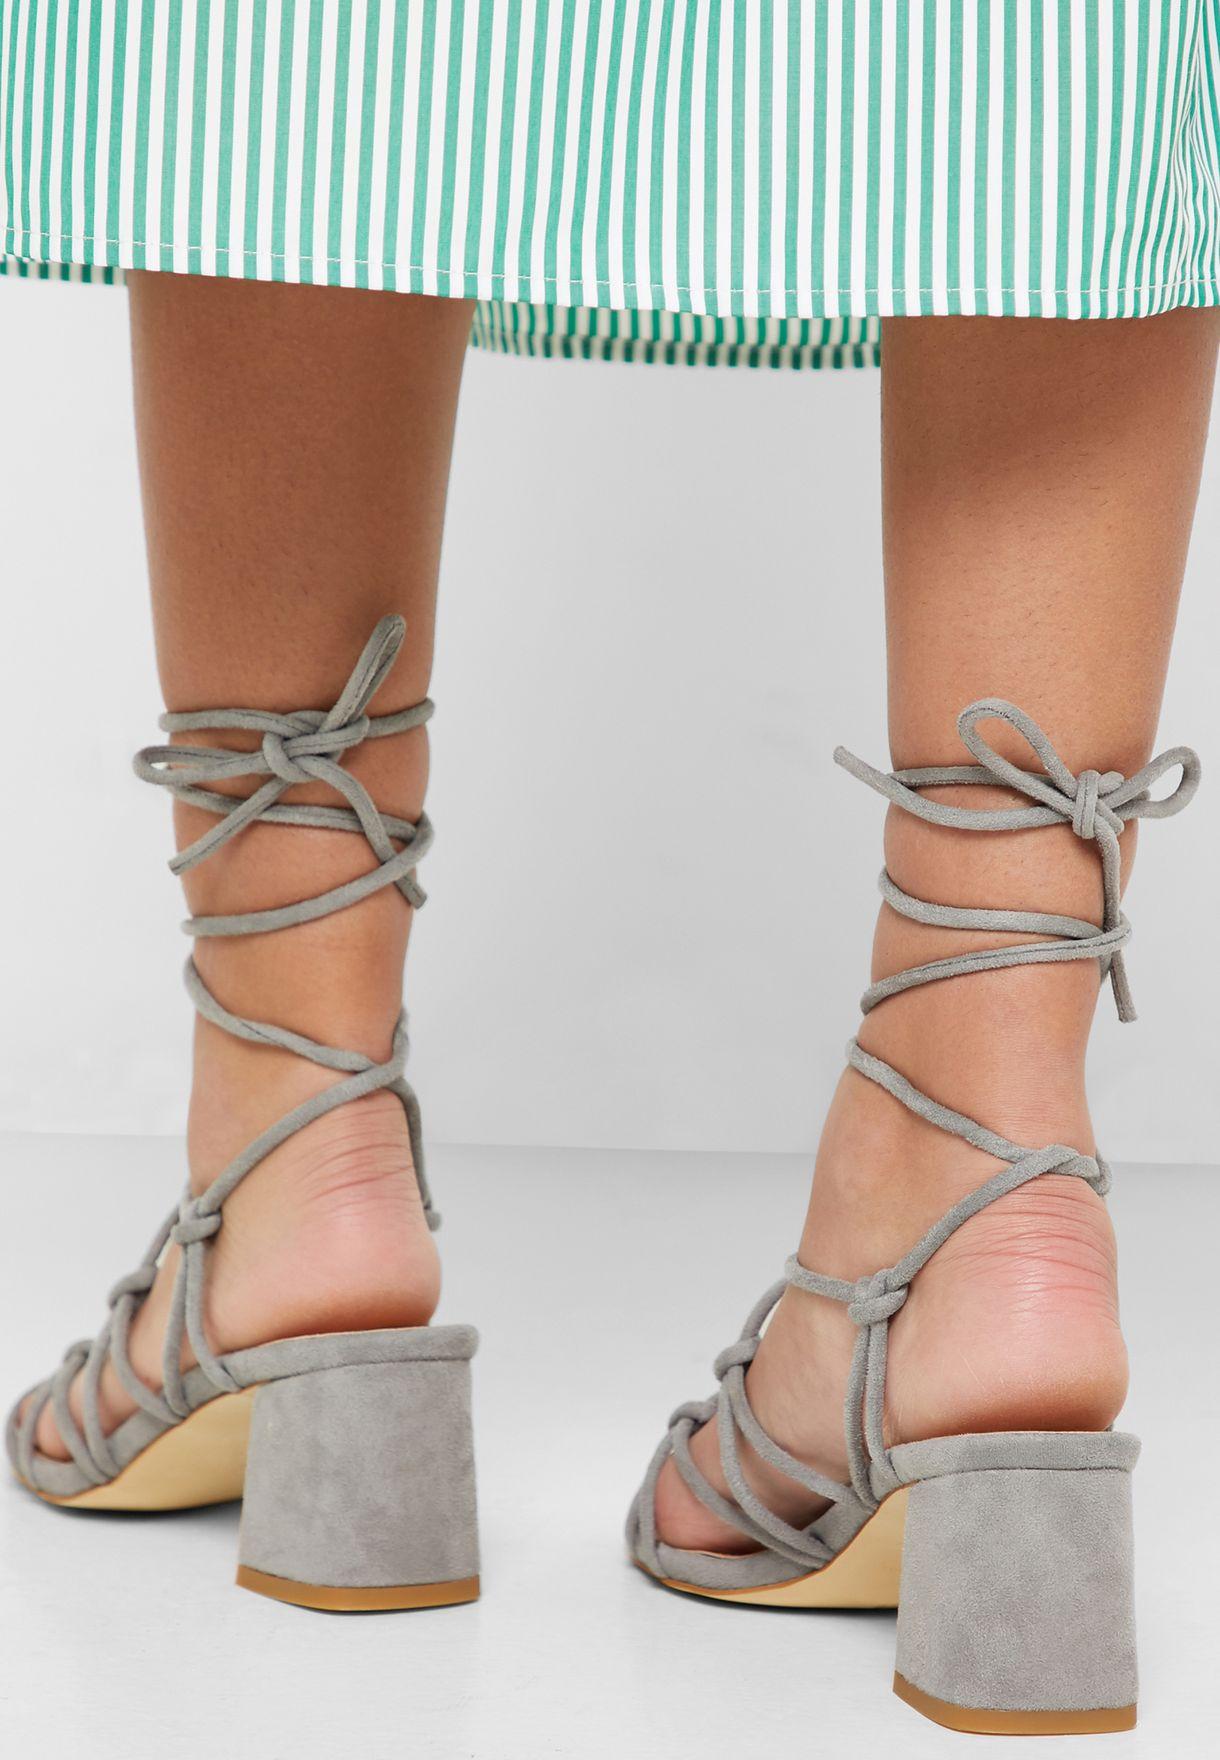 Freya Multi Strap Sandal